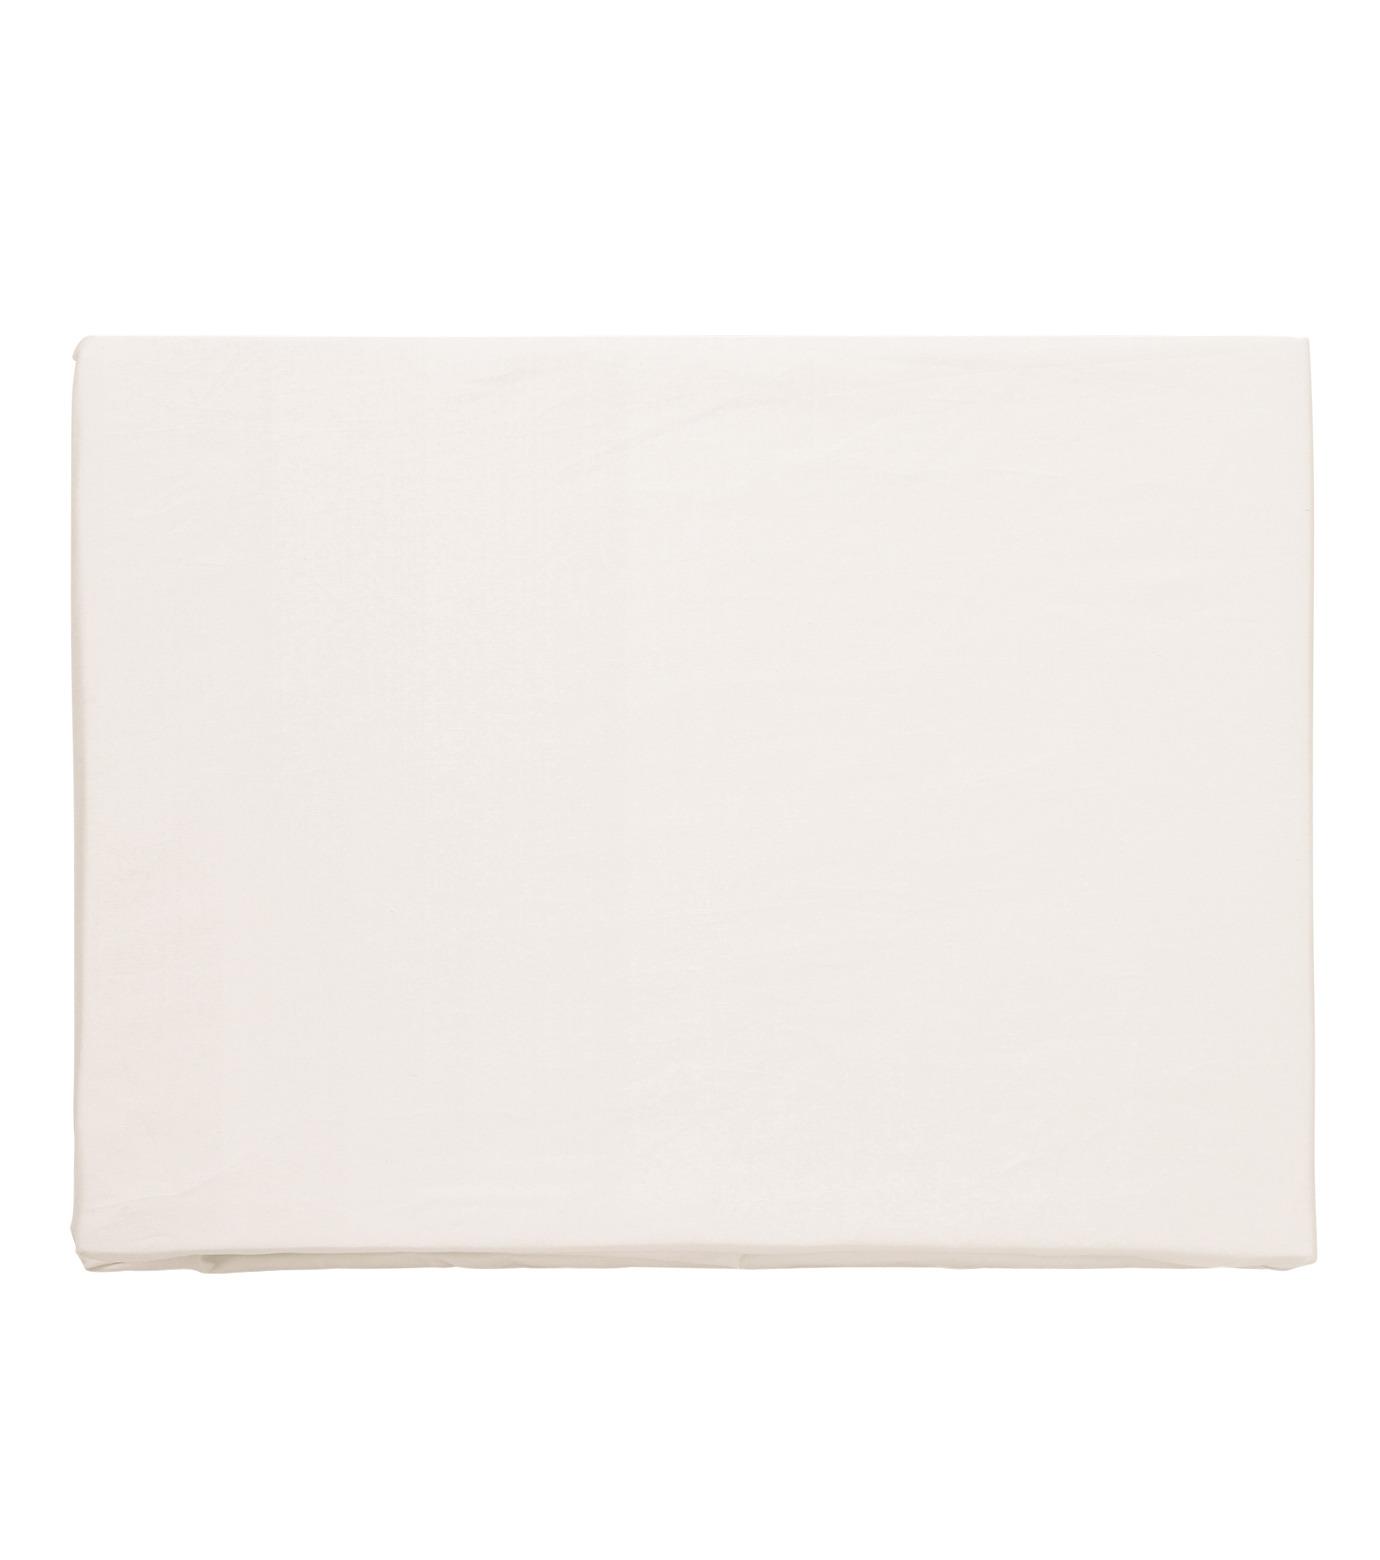 HEY YOU !(ヘイユウ)のDuvet cover/single-WHITE(インテリア/interior)-duvetcover-S-4 拡大詳細画像1